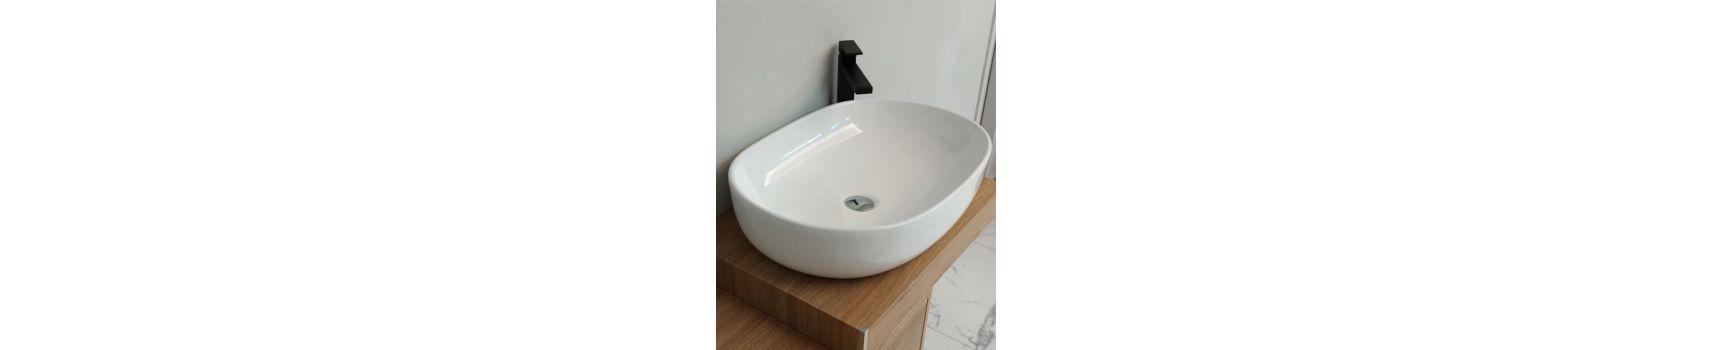 Lavabi da appoggio per mobili bagno | Boleco